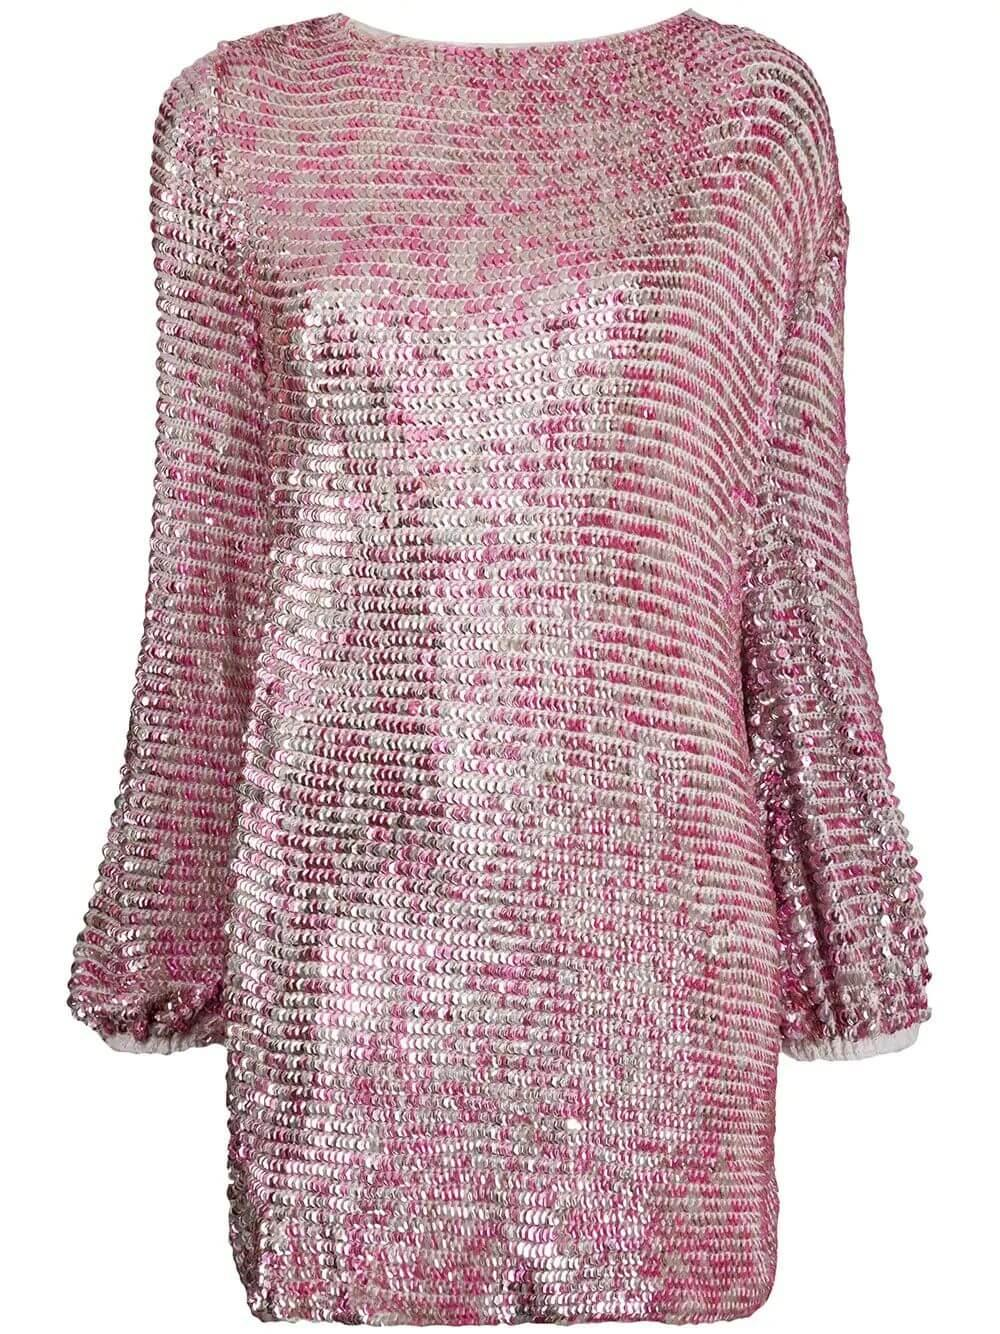 Tara Sequin Mini Dress Item # PF20-2187